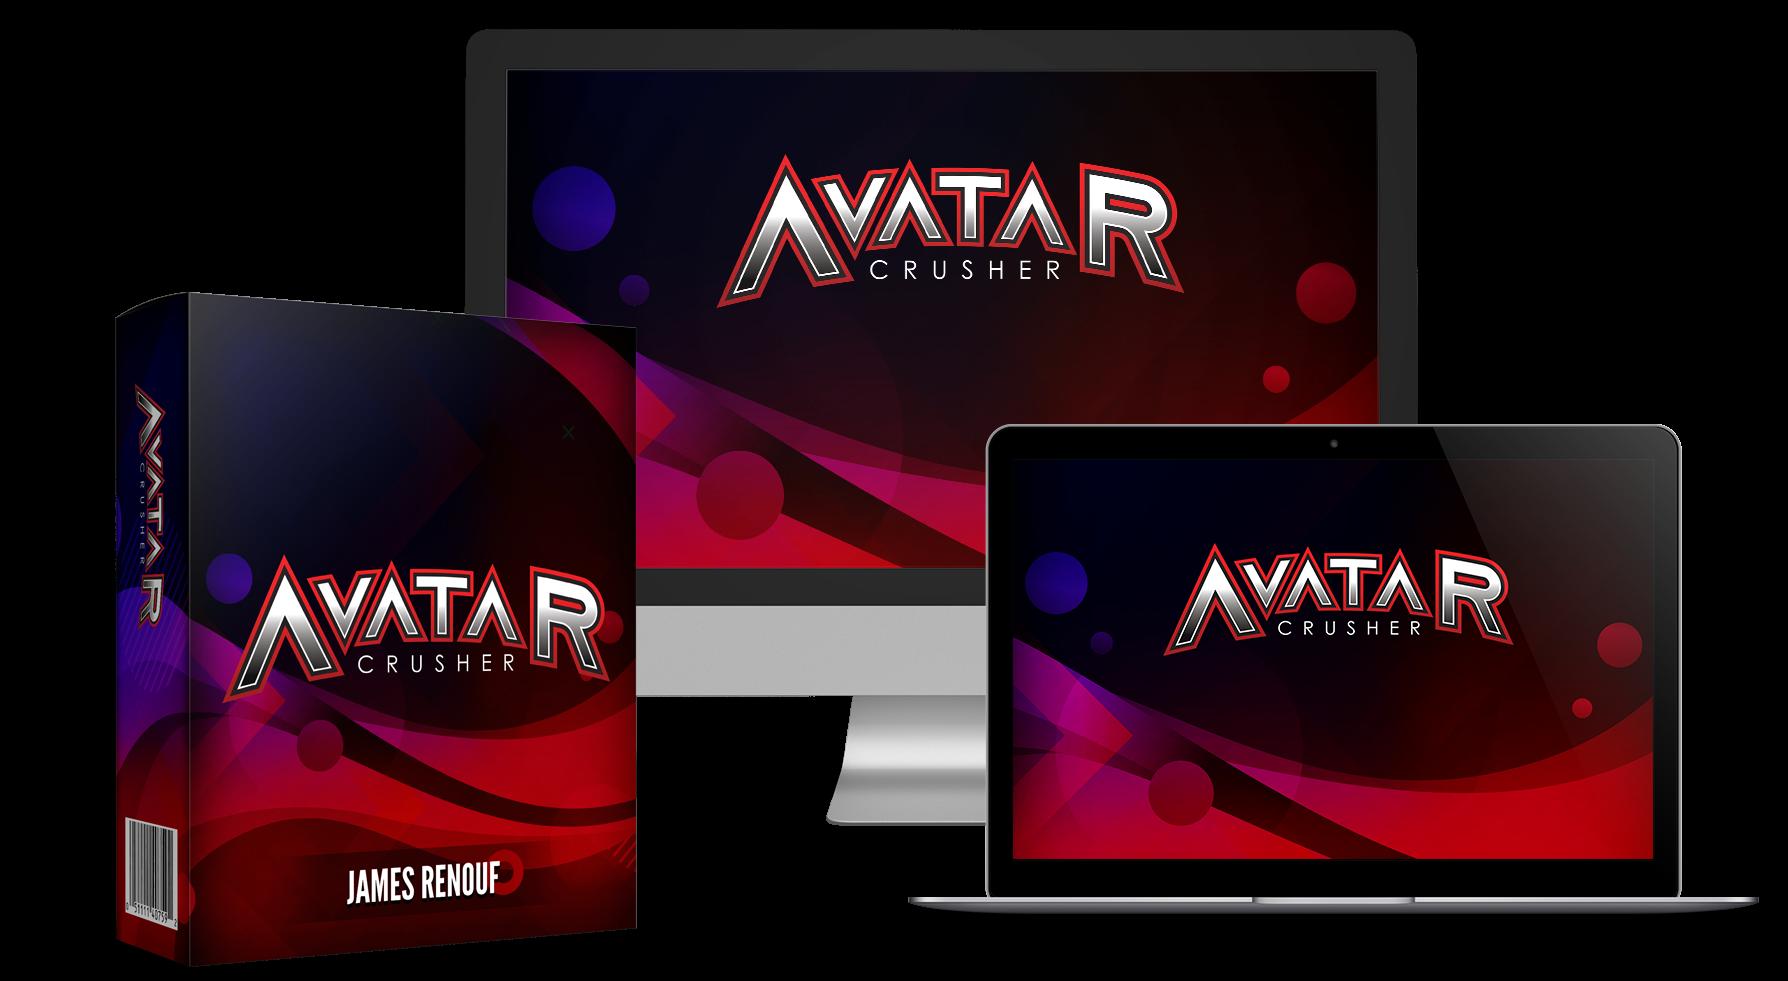 James Renouf - Avatar Crusher Free Download